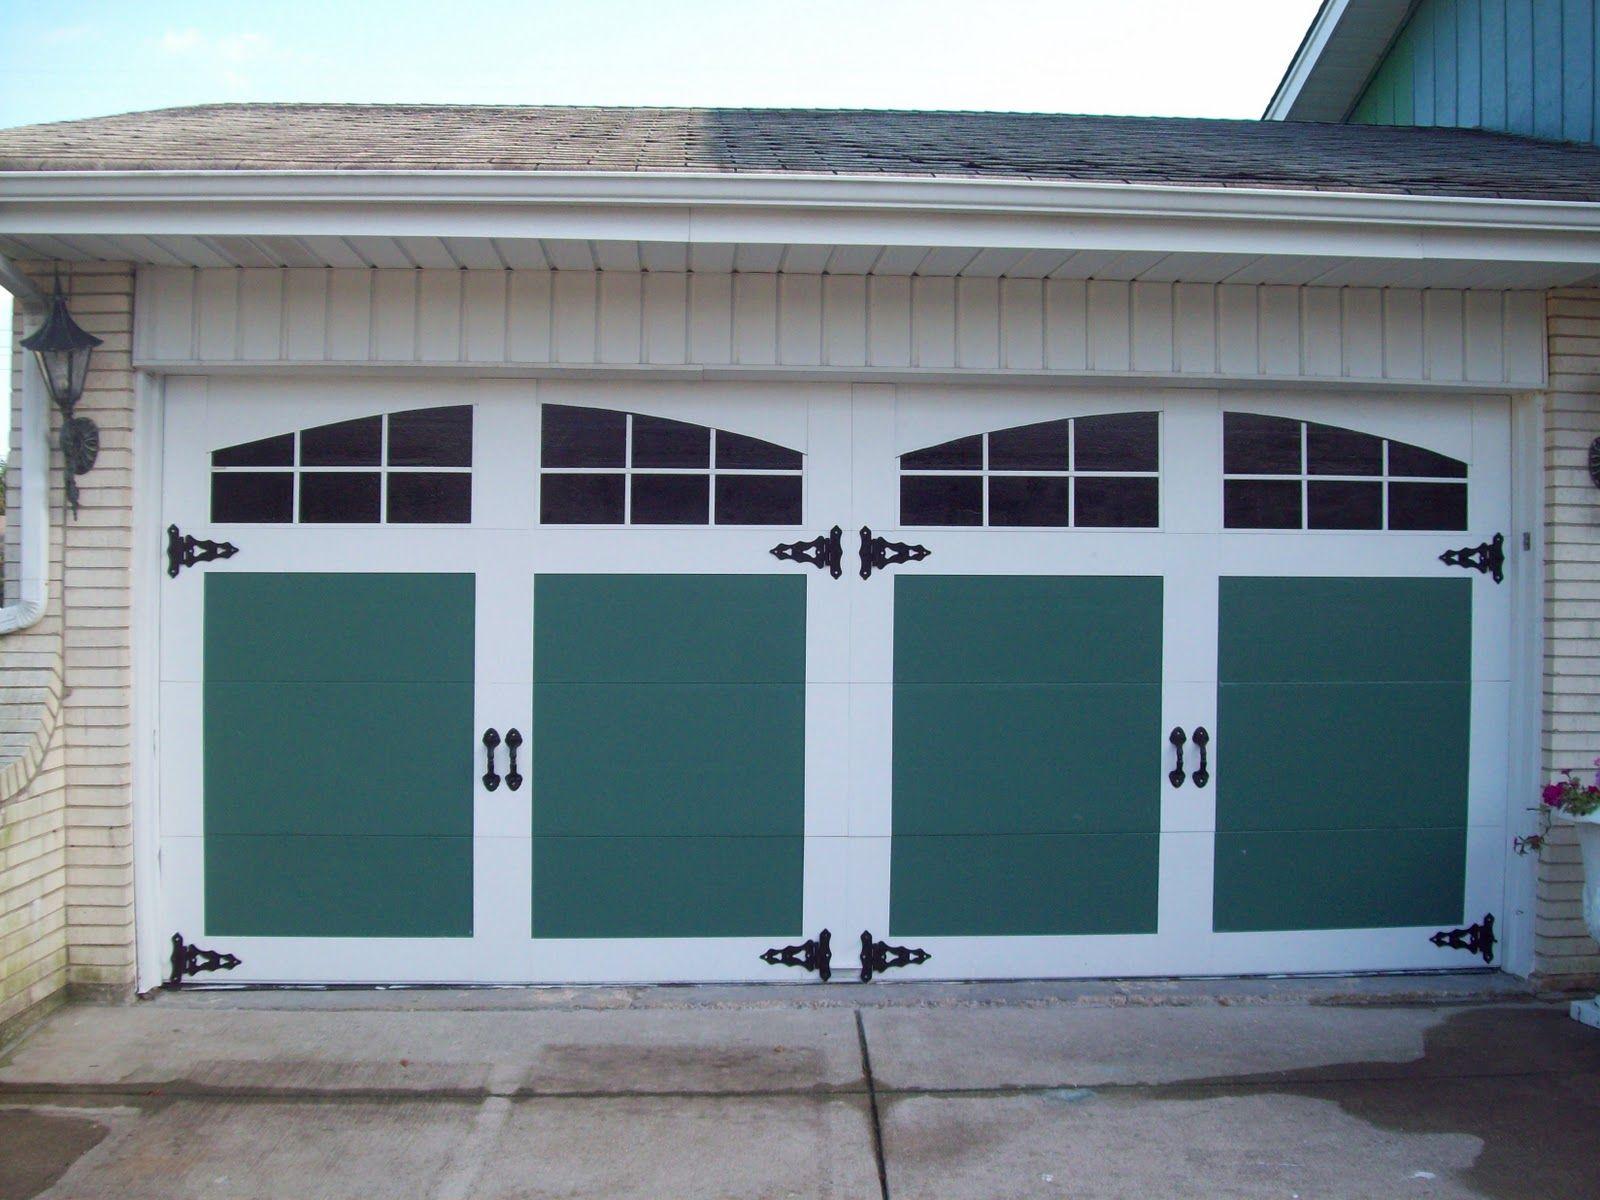 Purchase Window Decals For Garage Doors Outstanding Garage Door Decals Designs Awesome Garage Decal Garage Doors Garage Door Windows Carriage Garage Doors